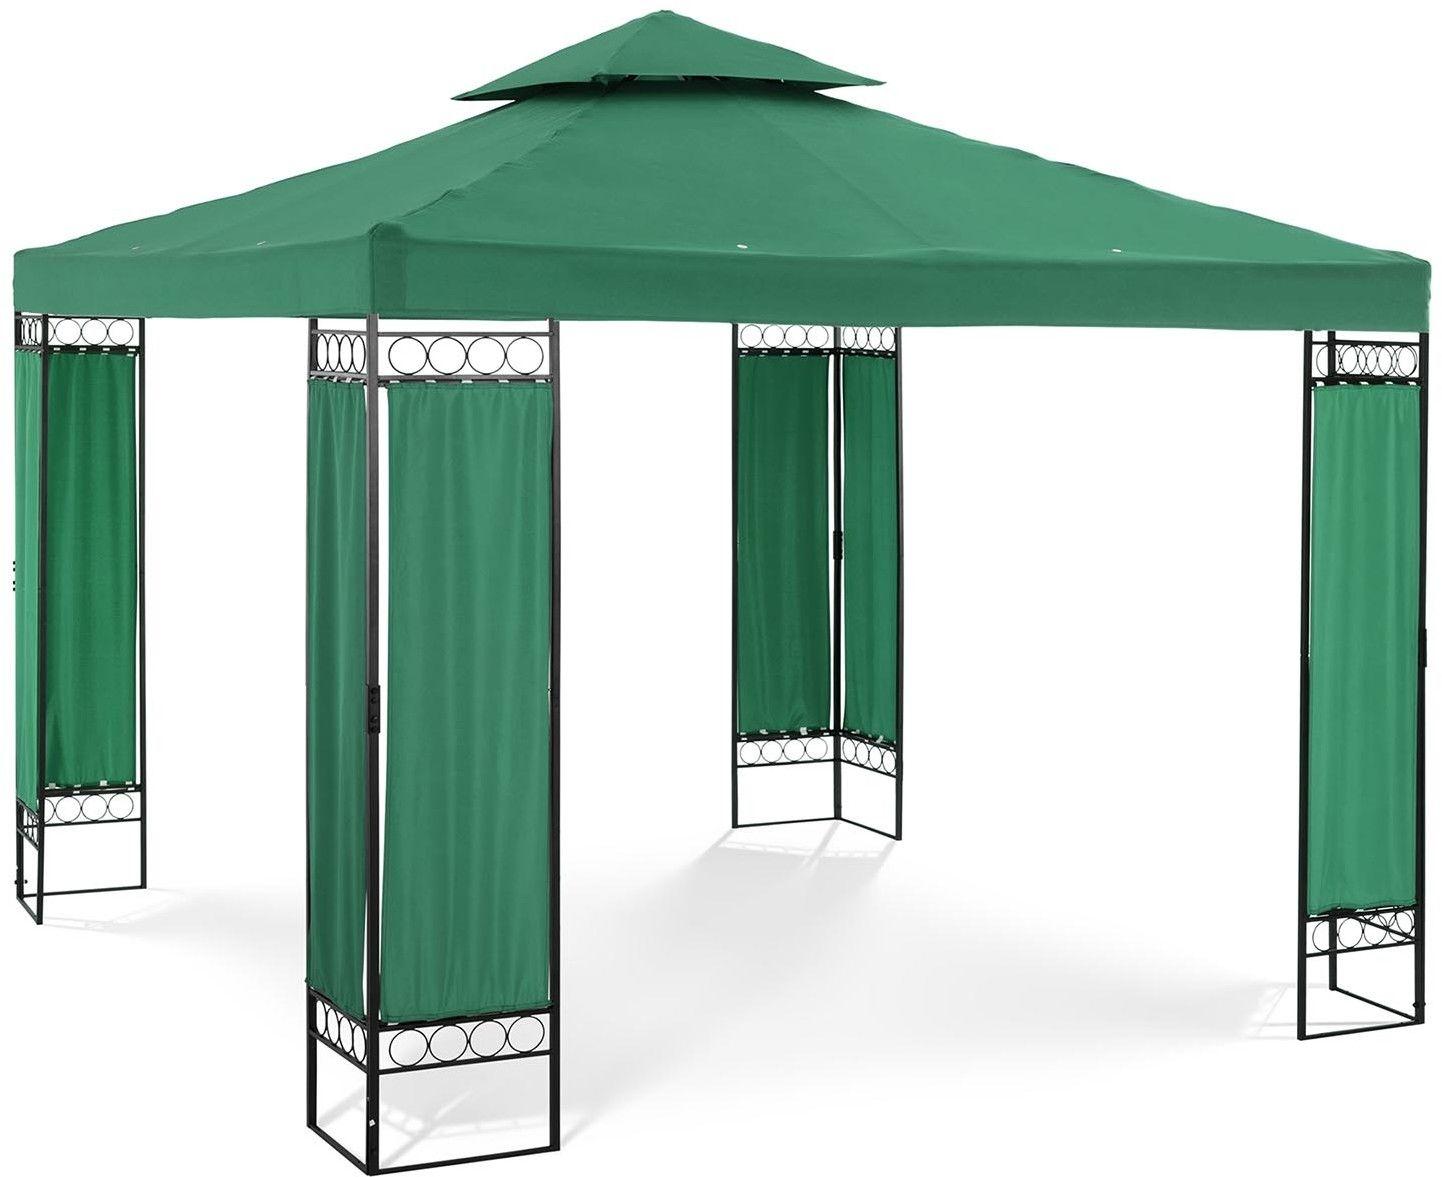 Pawilon ogrodowy - ciemnozielony - kwadratowy - Uniprodo - UNI_PERGOLA_3X3GF - 3 lata gwarancji/wysyłka w 24h